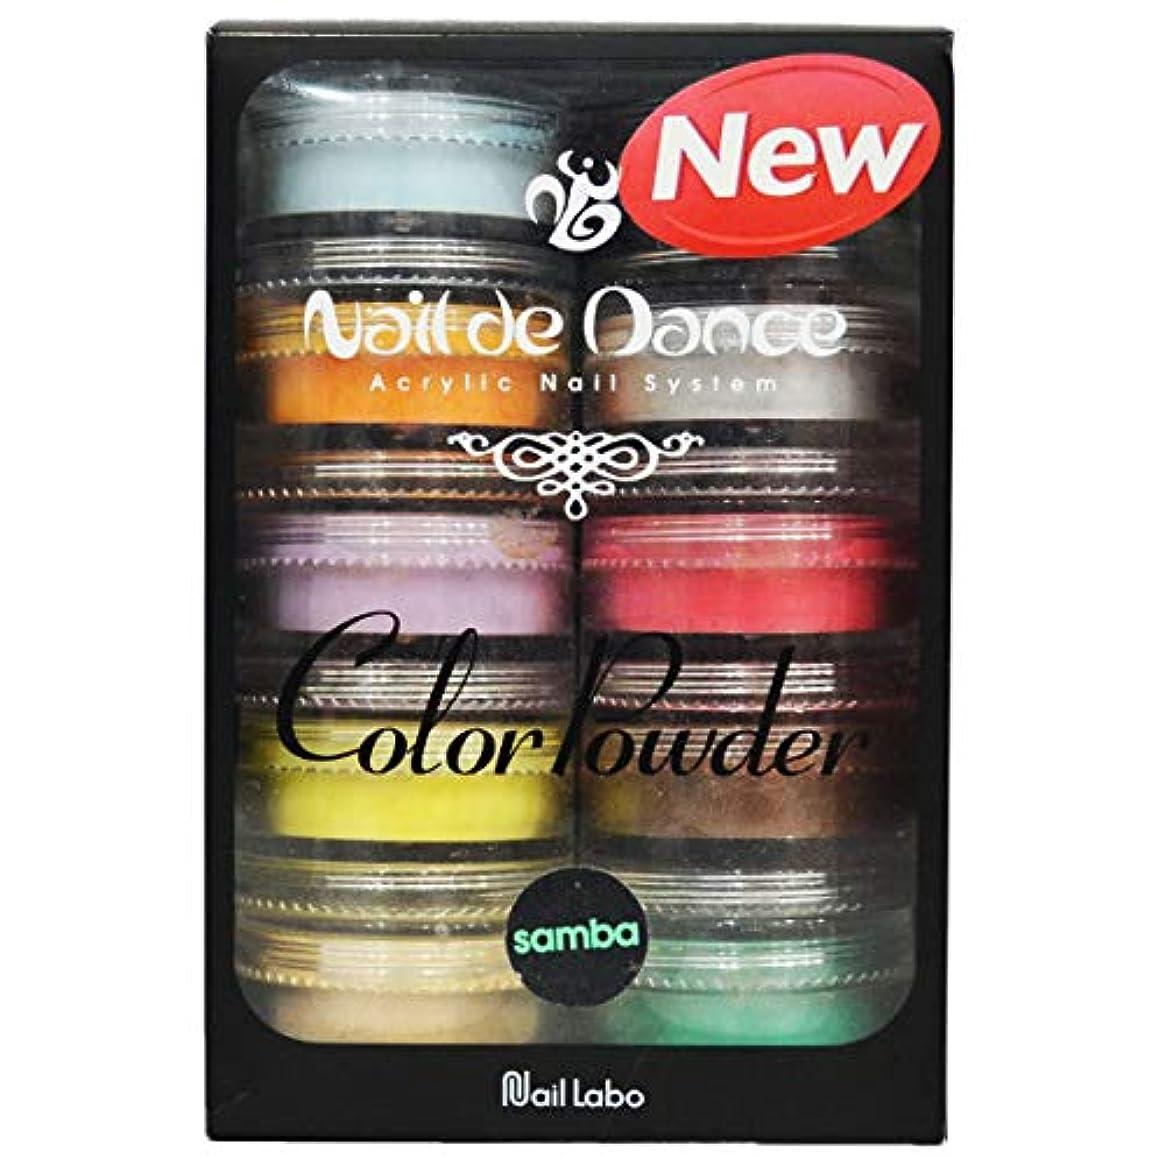 ノベルティホイップマウスネイルデダンス カラーパウダーセットsamba/各3g10色セット ビビッドカラー